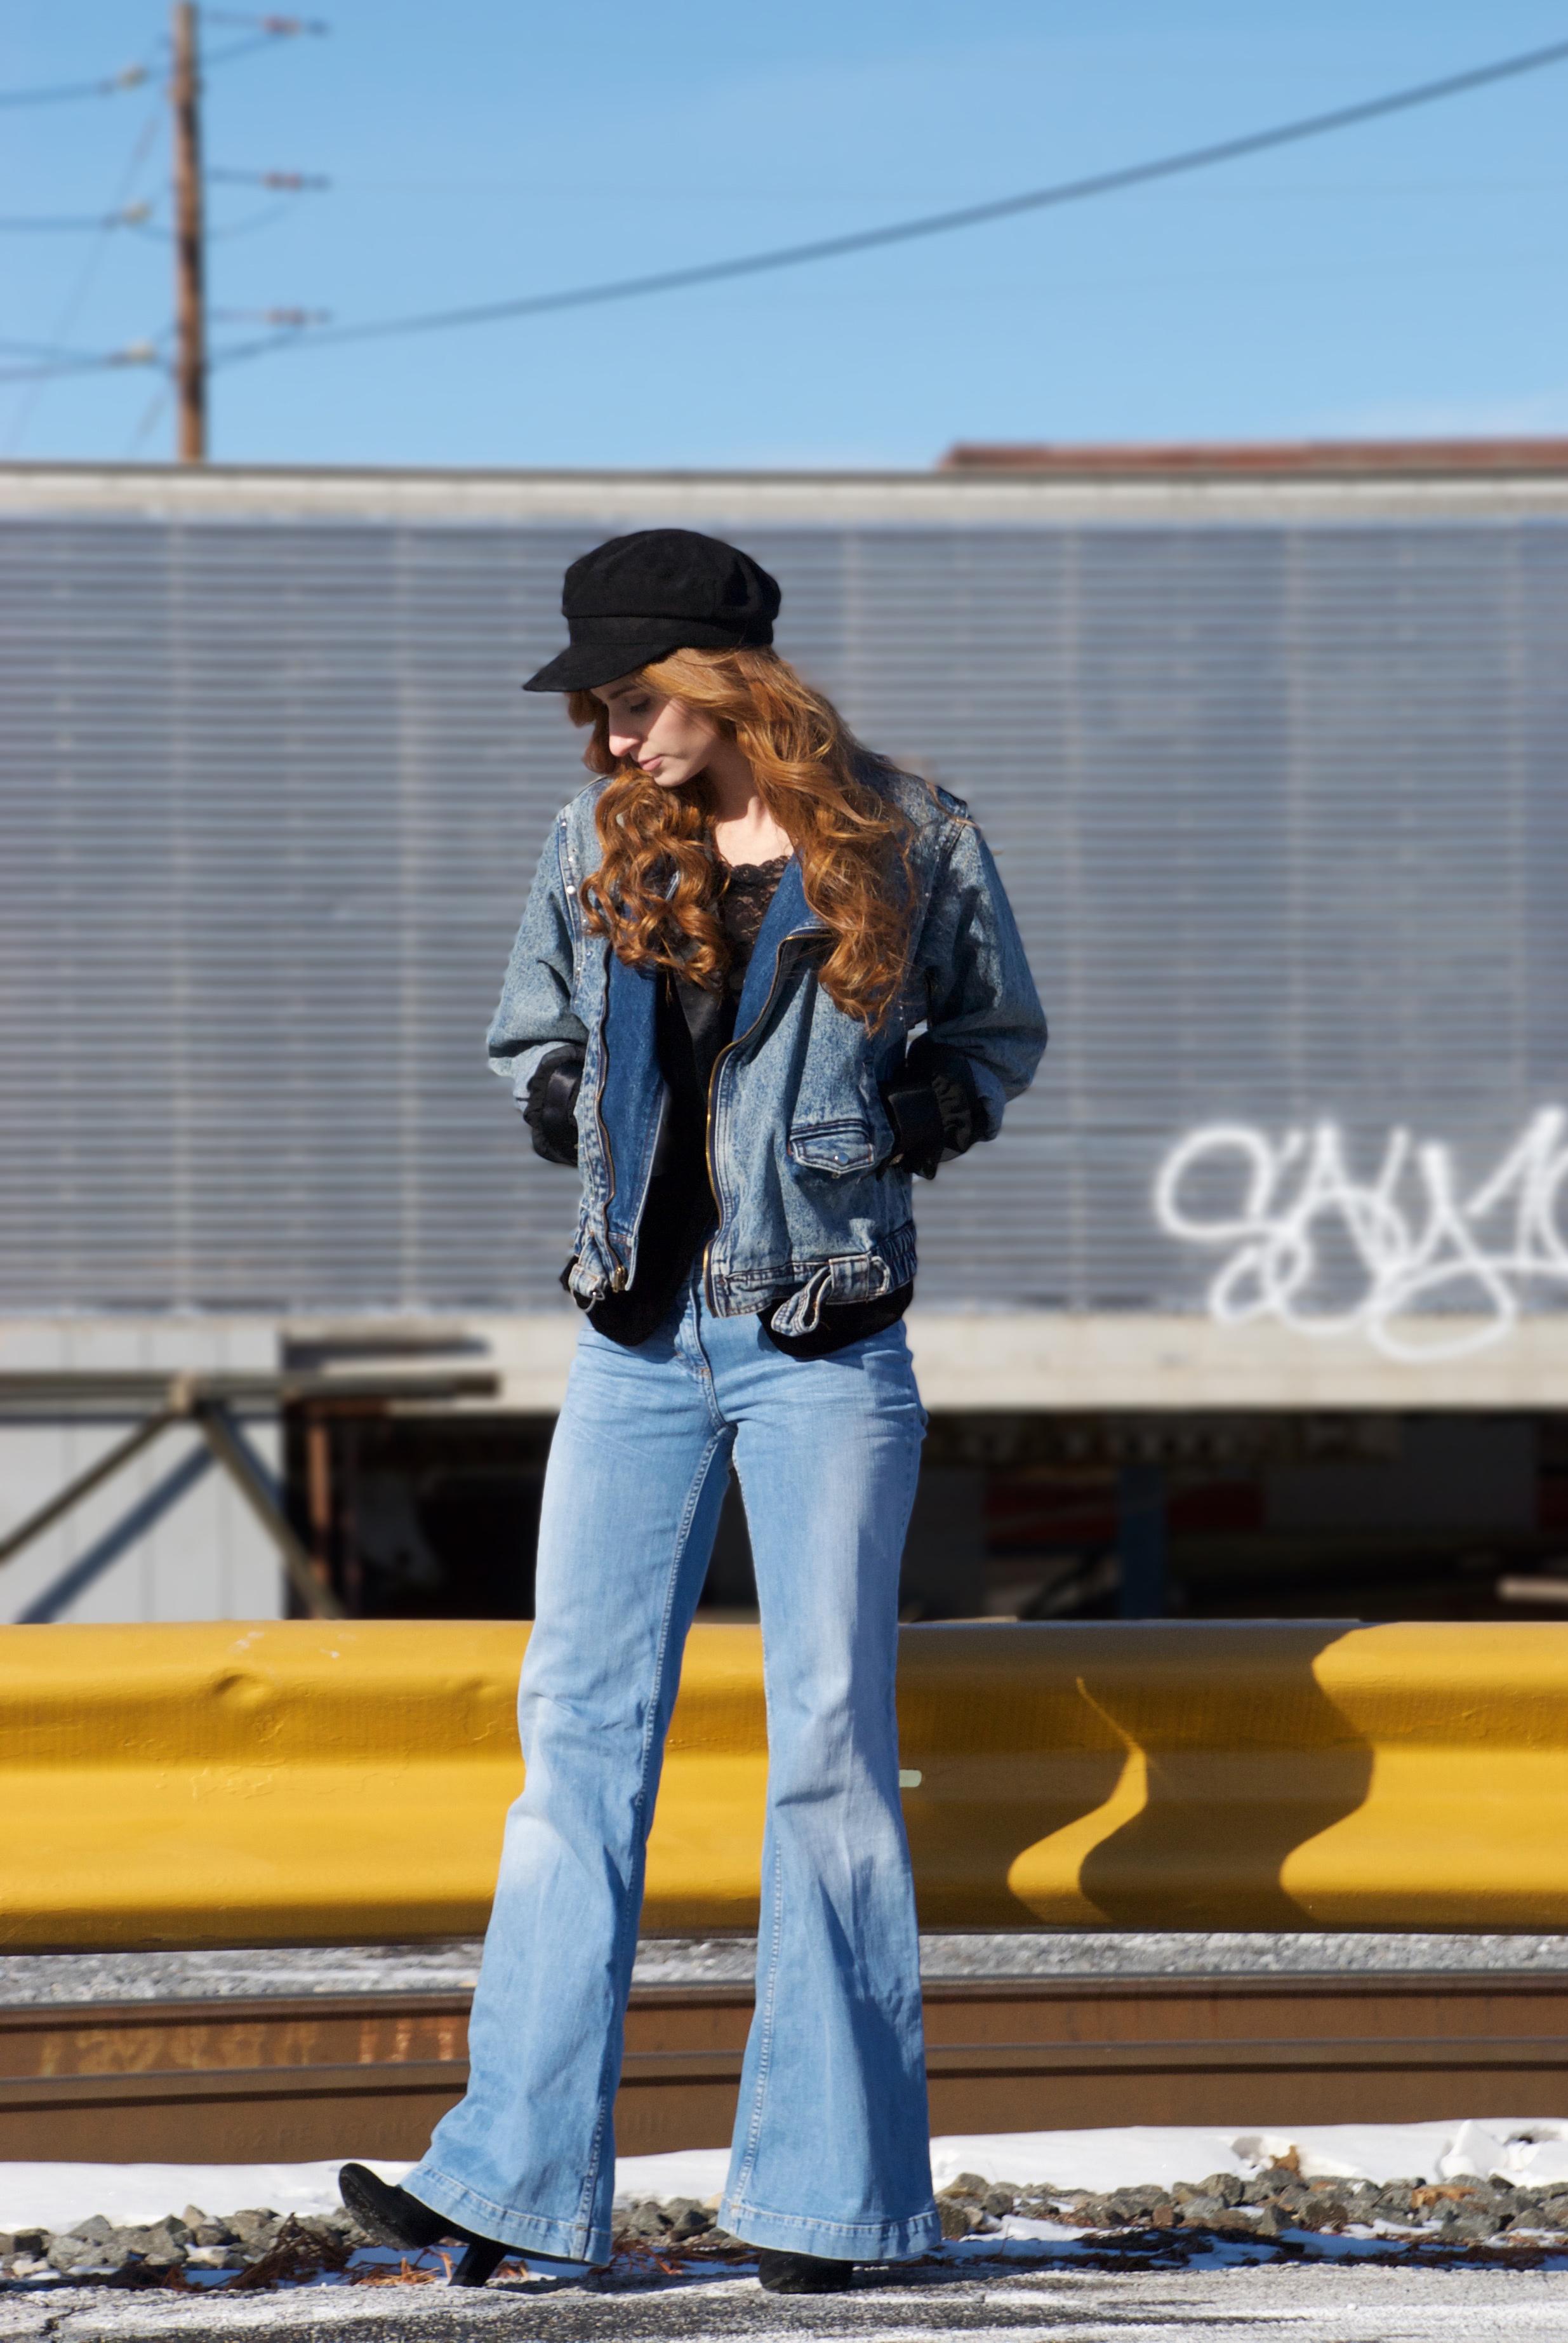 Redhead girl dressed in denim by traintracks looking down